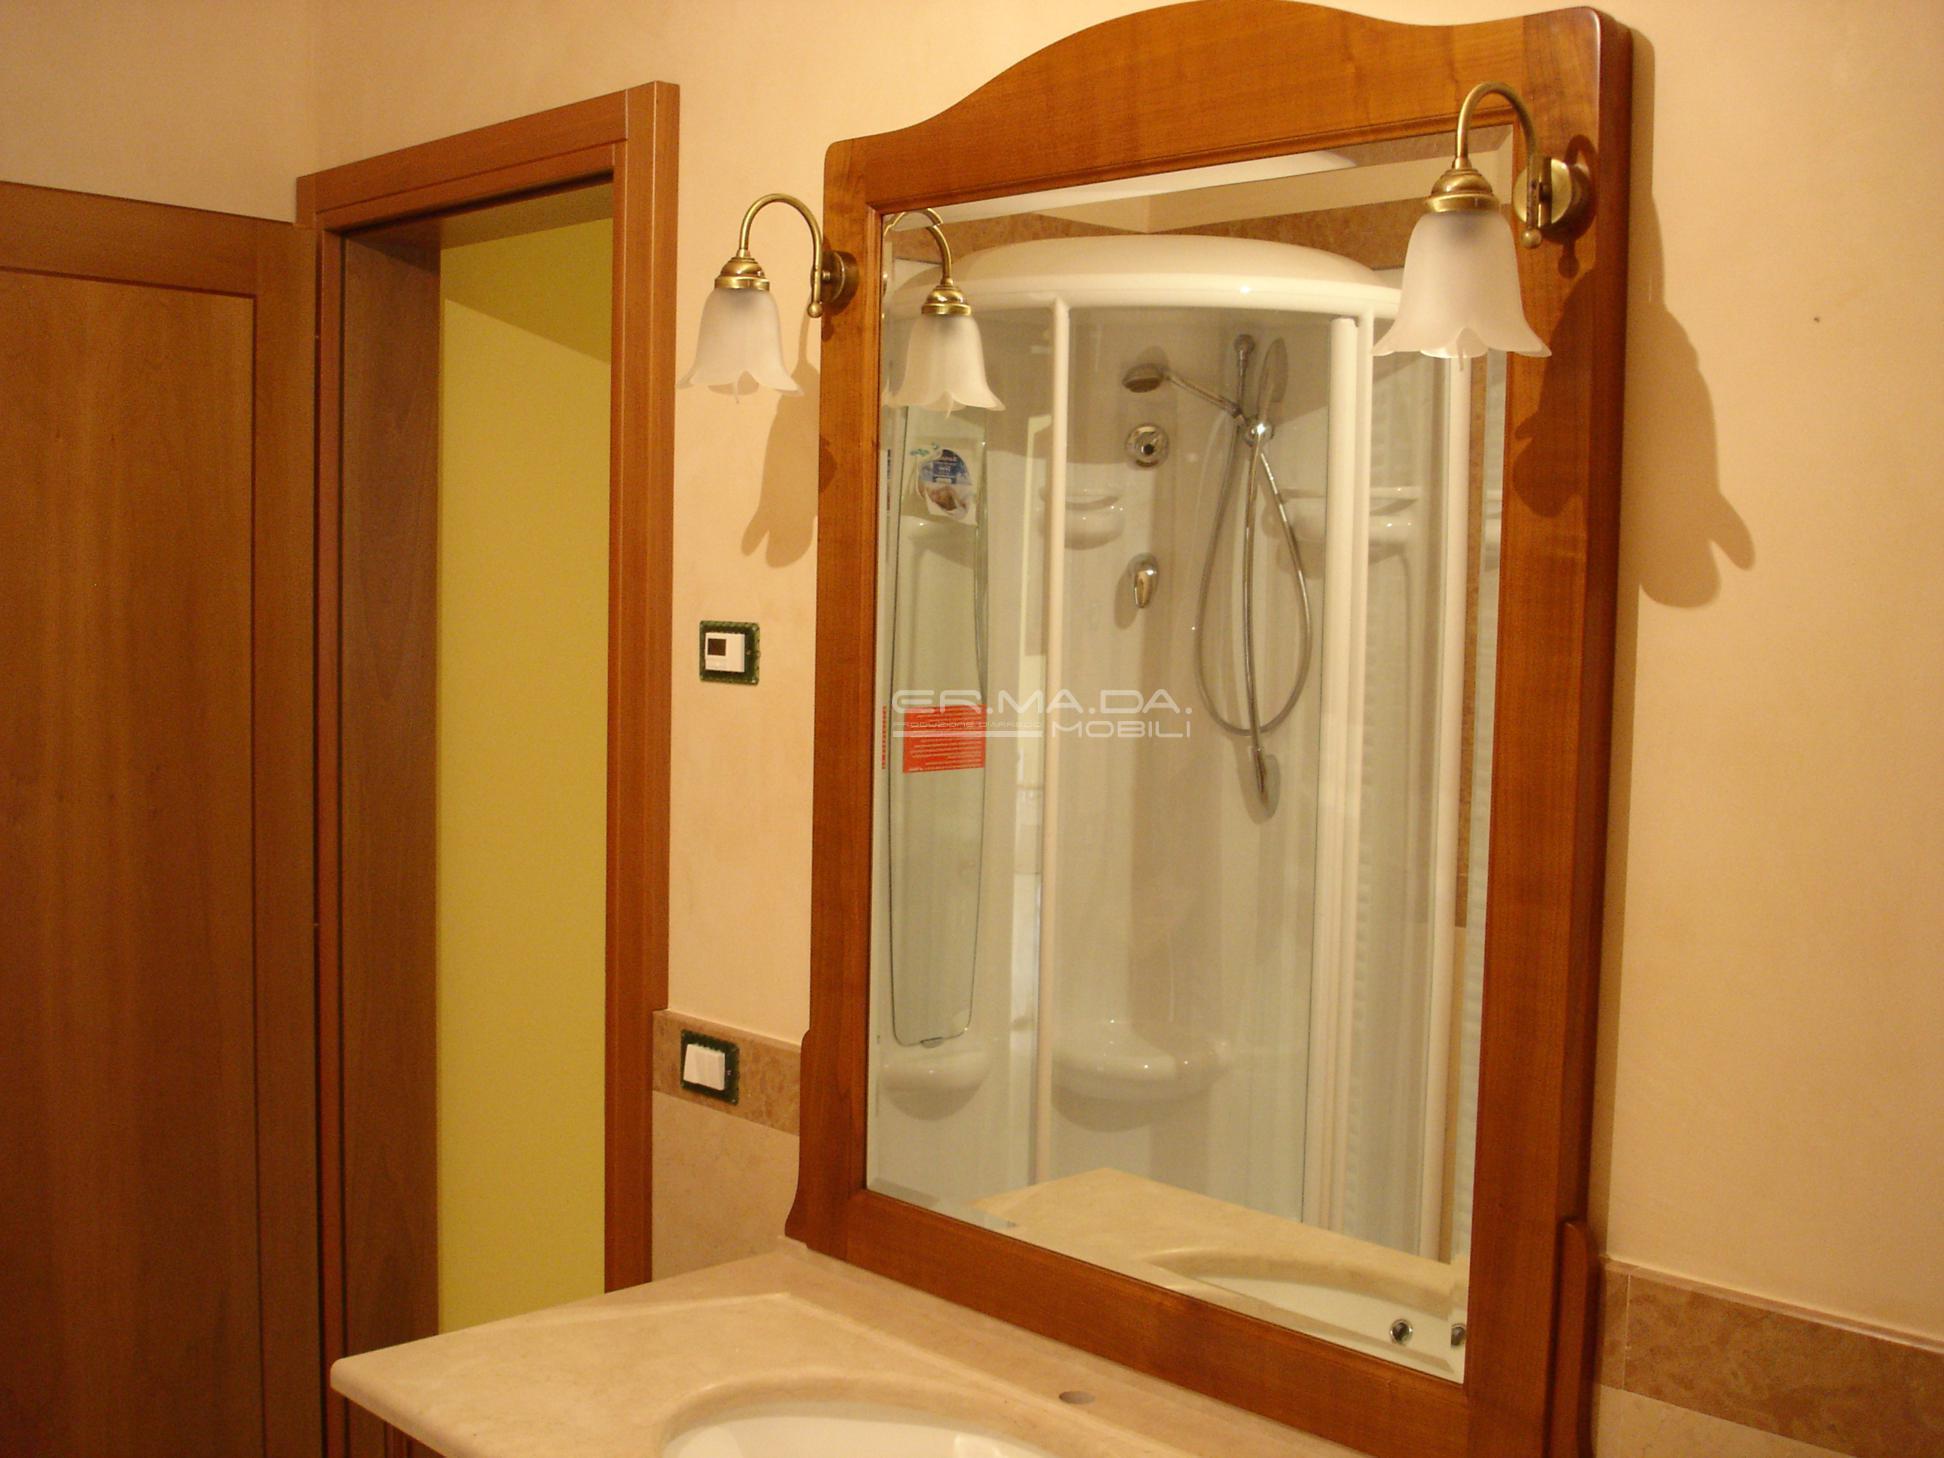 Foto bagni classici piastrelle per bagno classico foto - Foto bagni classici ...